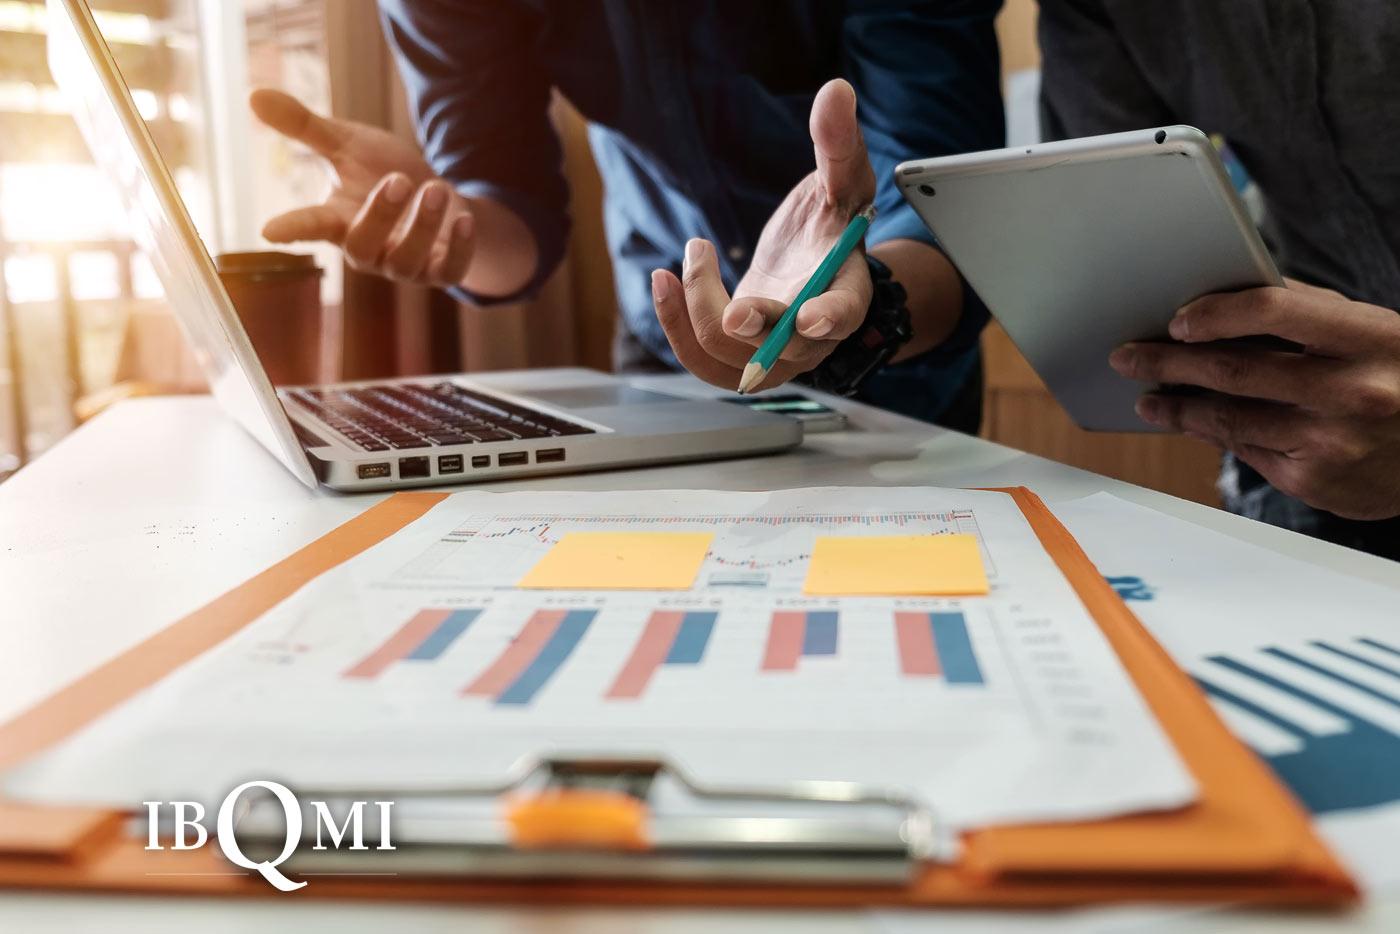 Project management top 5 painpoints